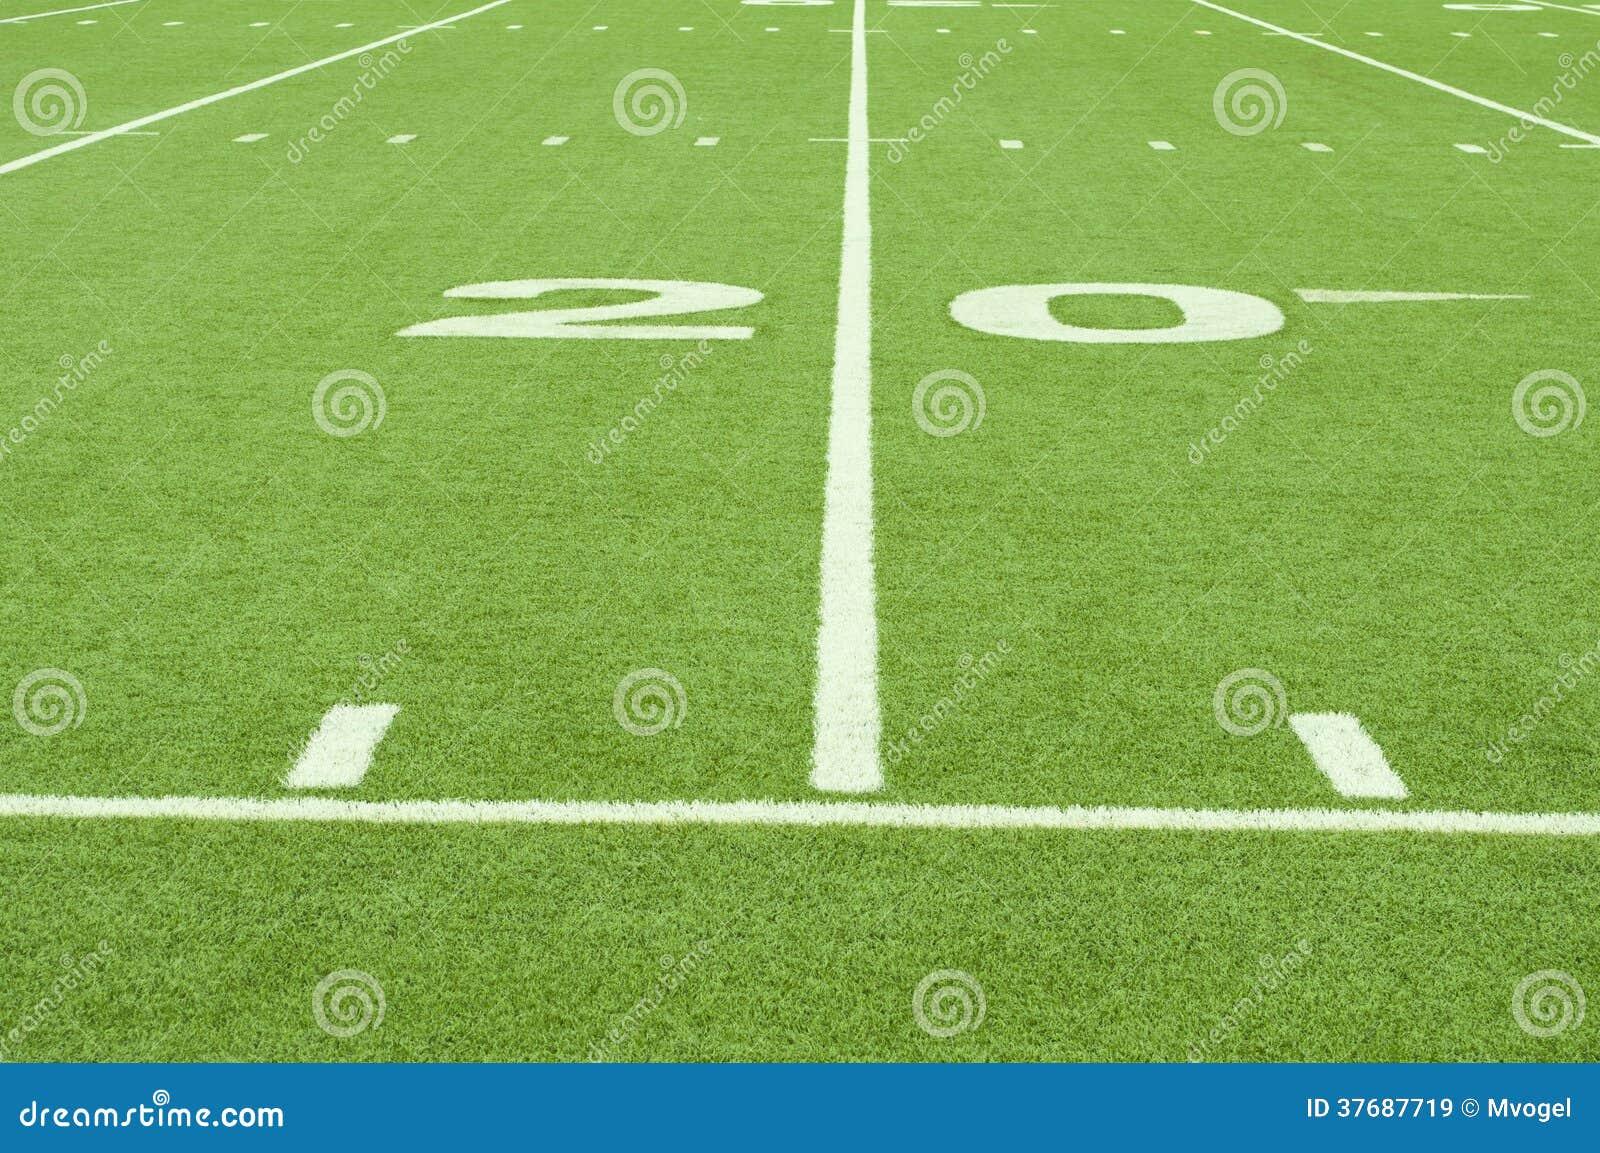 Kunstmatig gras 20 yard lijn royalty vrije stock afbeeldingen afbeelding 37687719 - Verkoop synthetisch gras ...